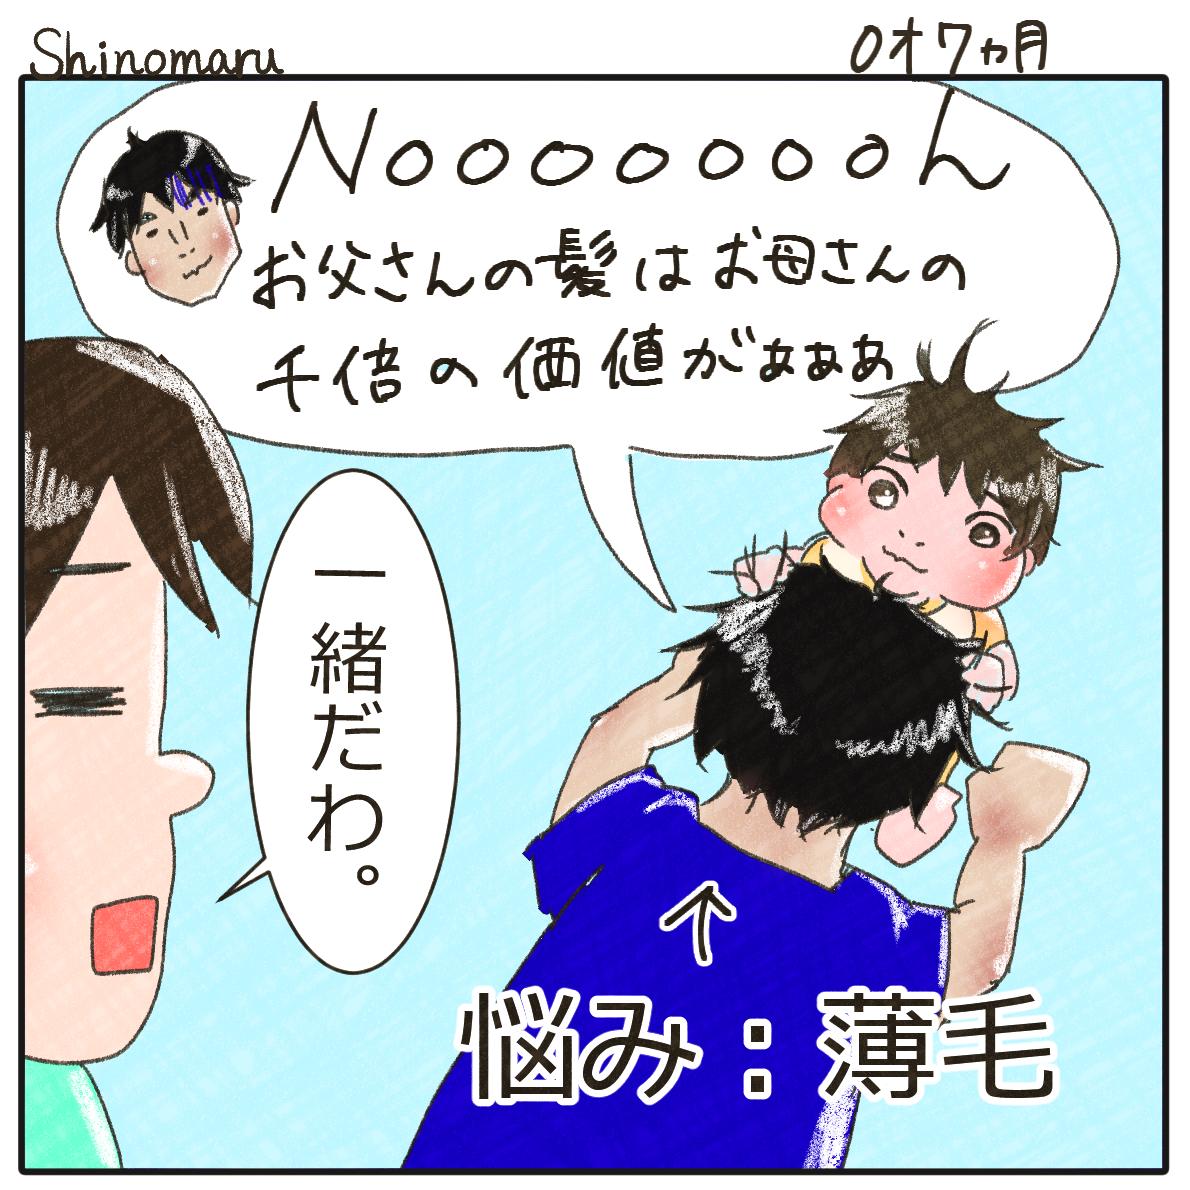 f:id:Shinomaru:20210621100212p:plain